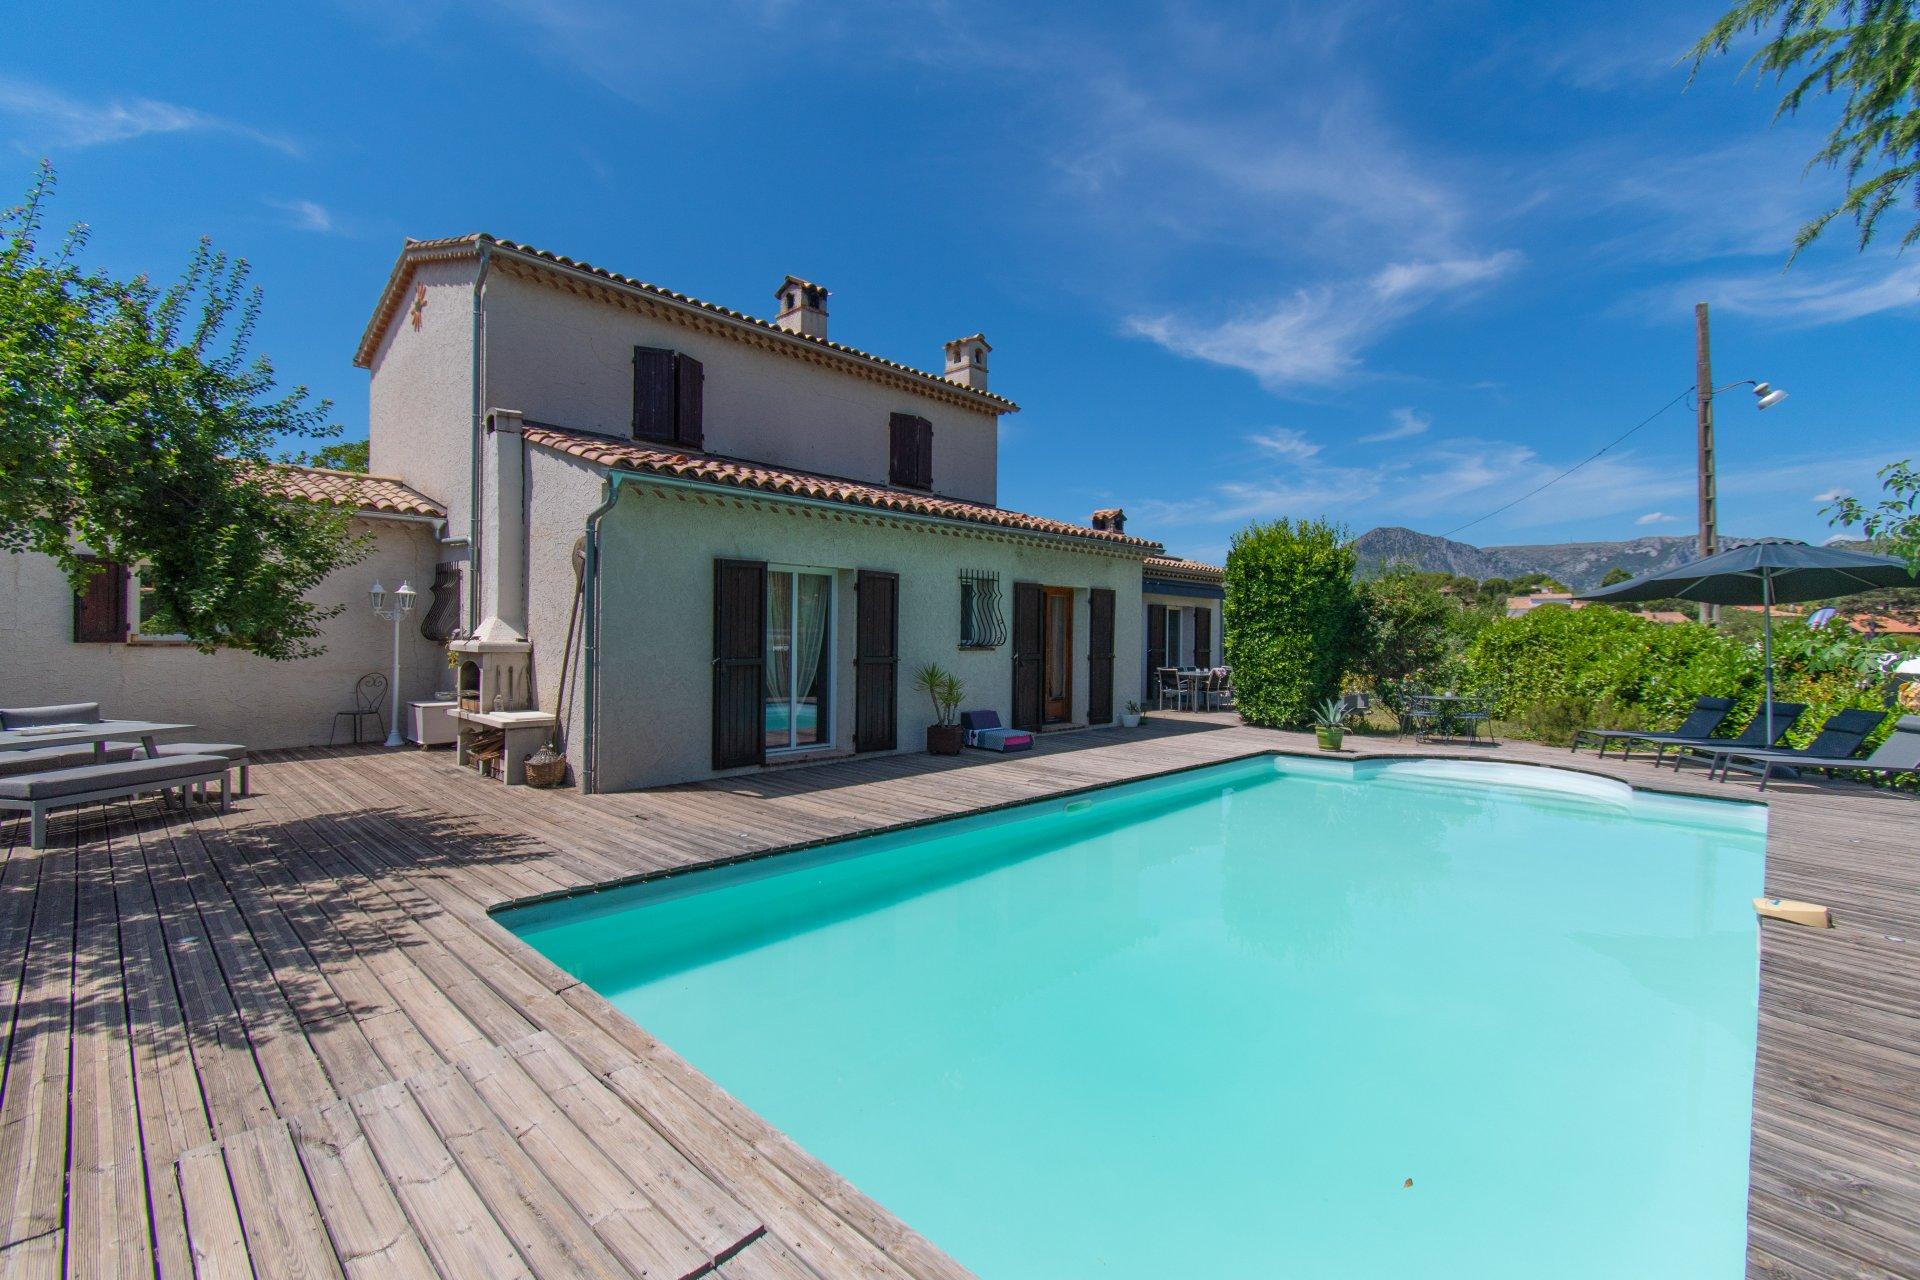 Maison 6 Pièces avec piscine - Levens